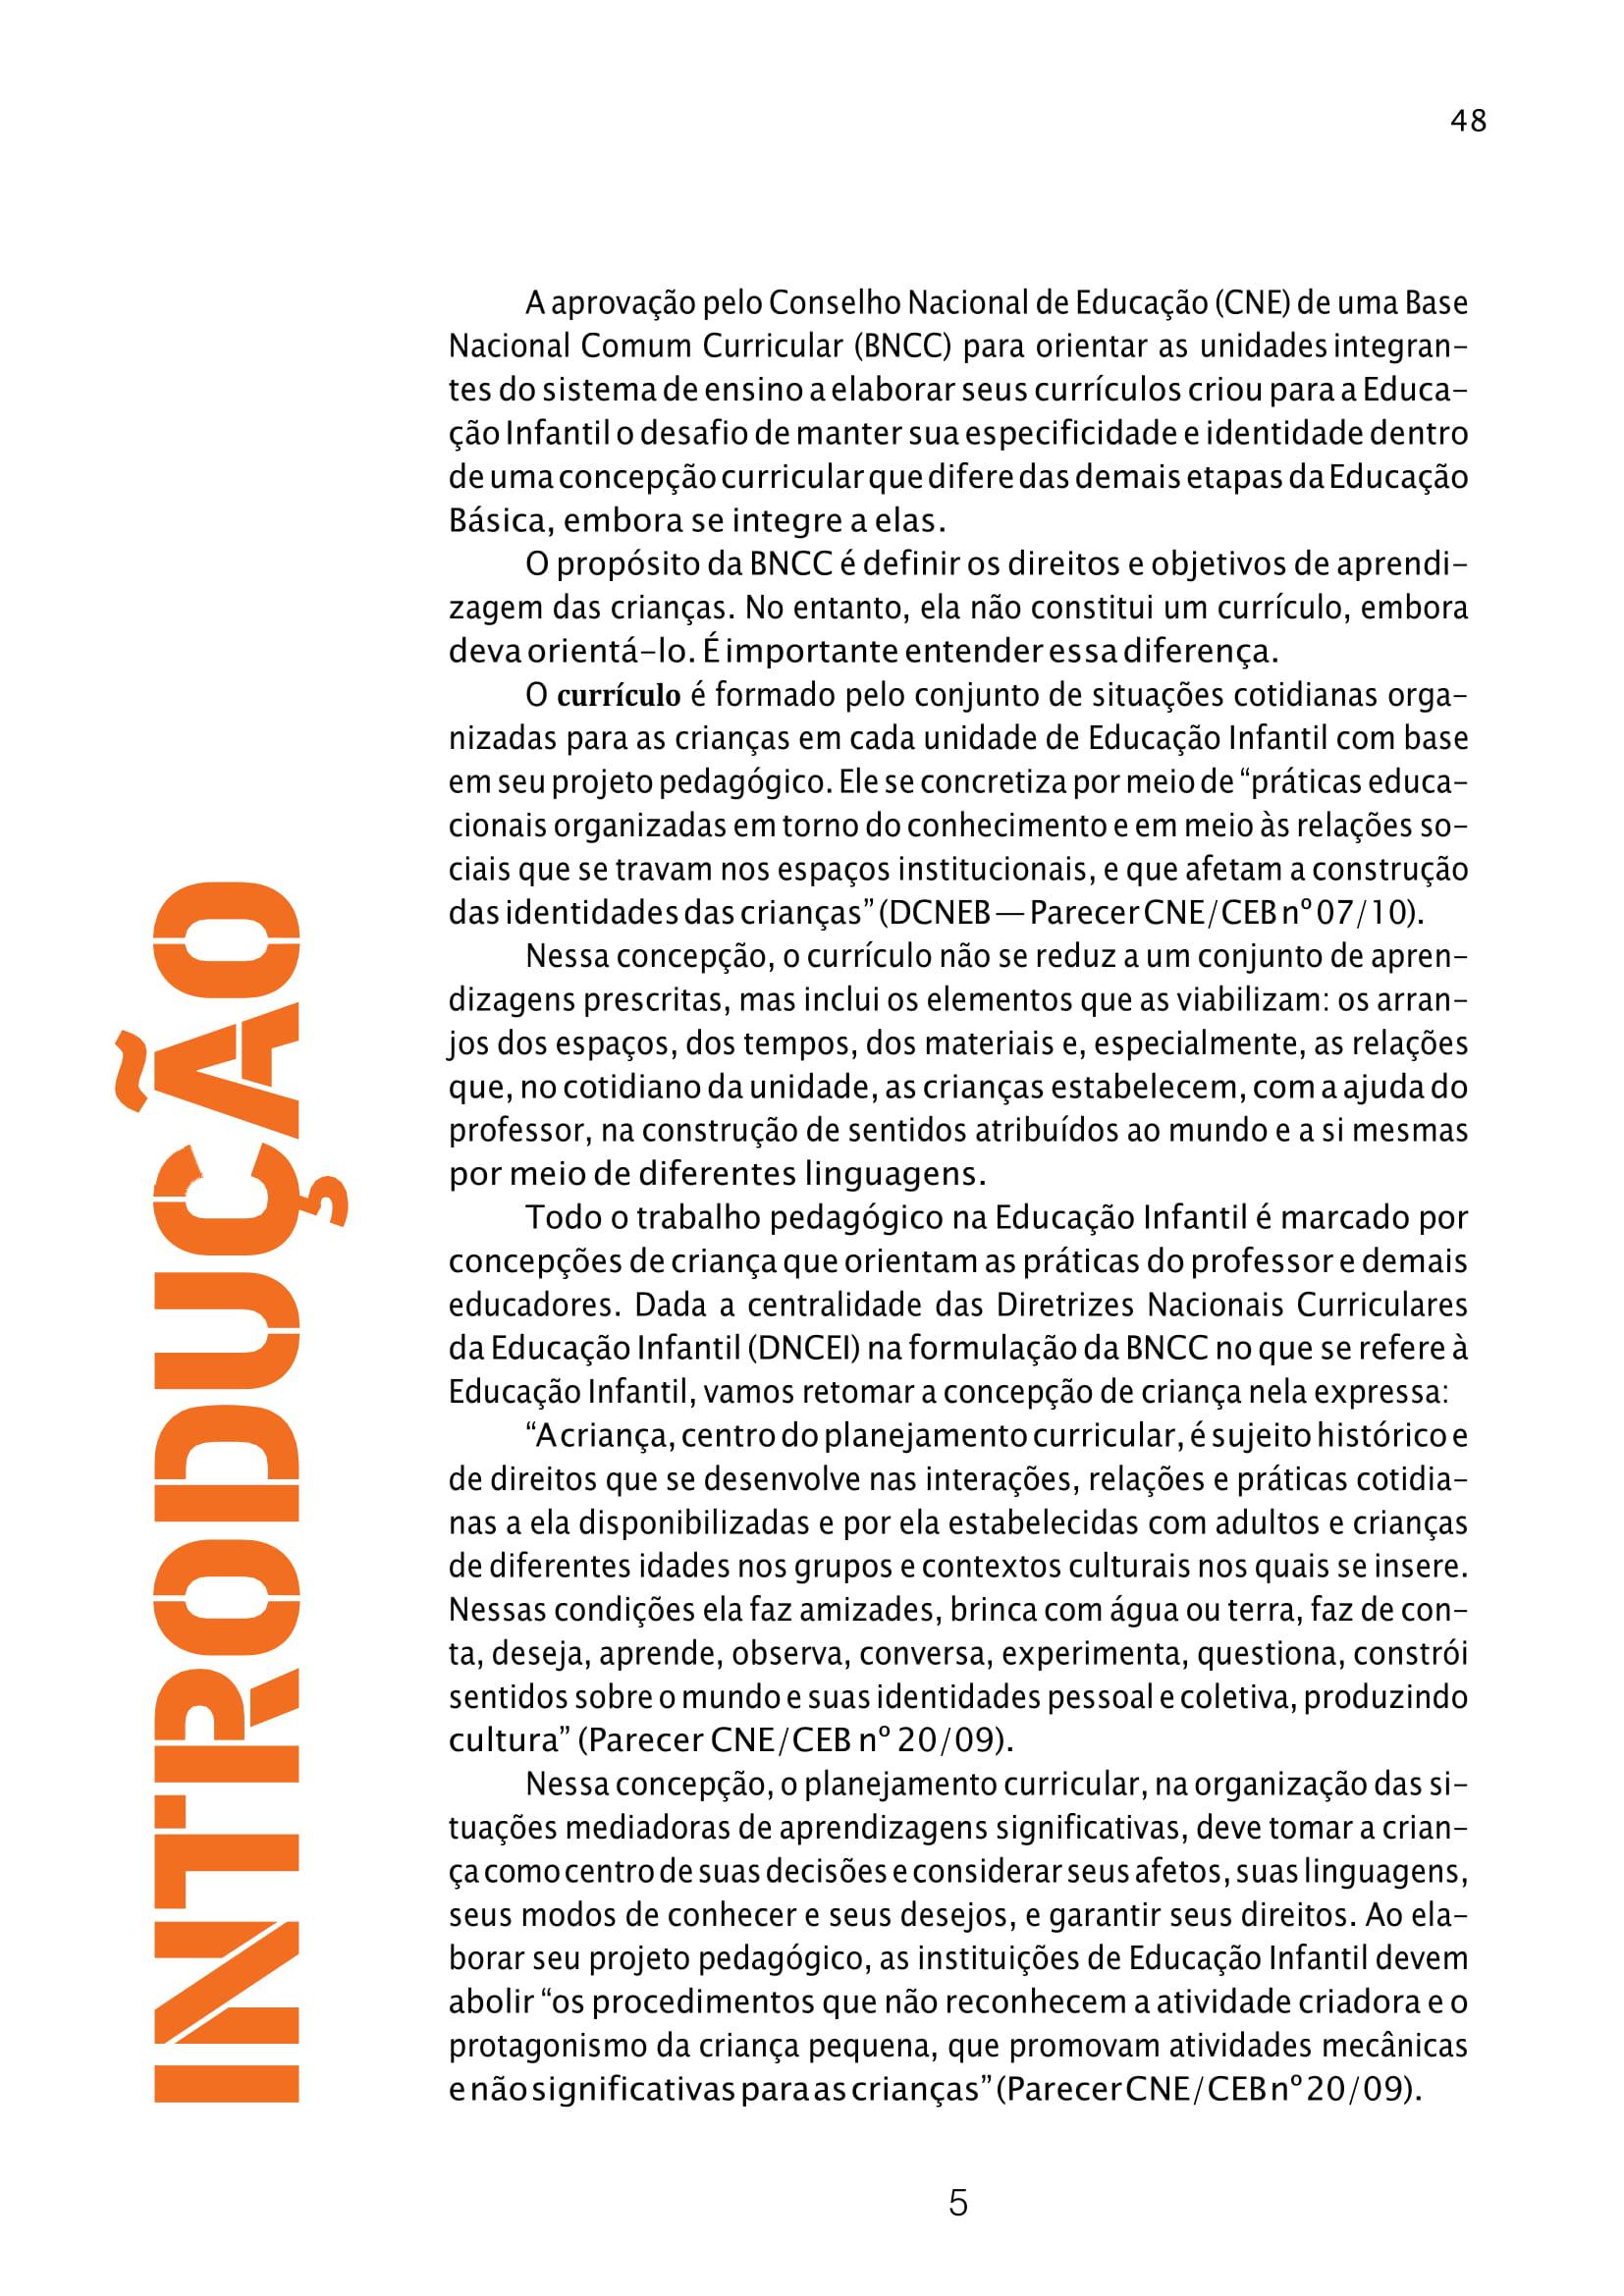 planejamento-educação-infantil-bncc-geral-78